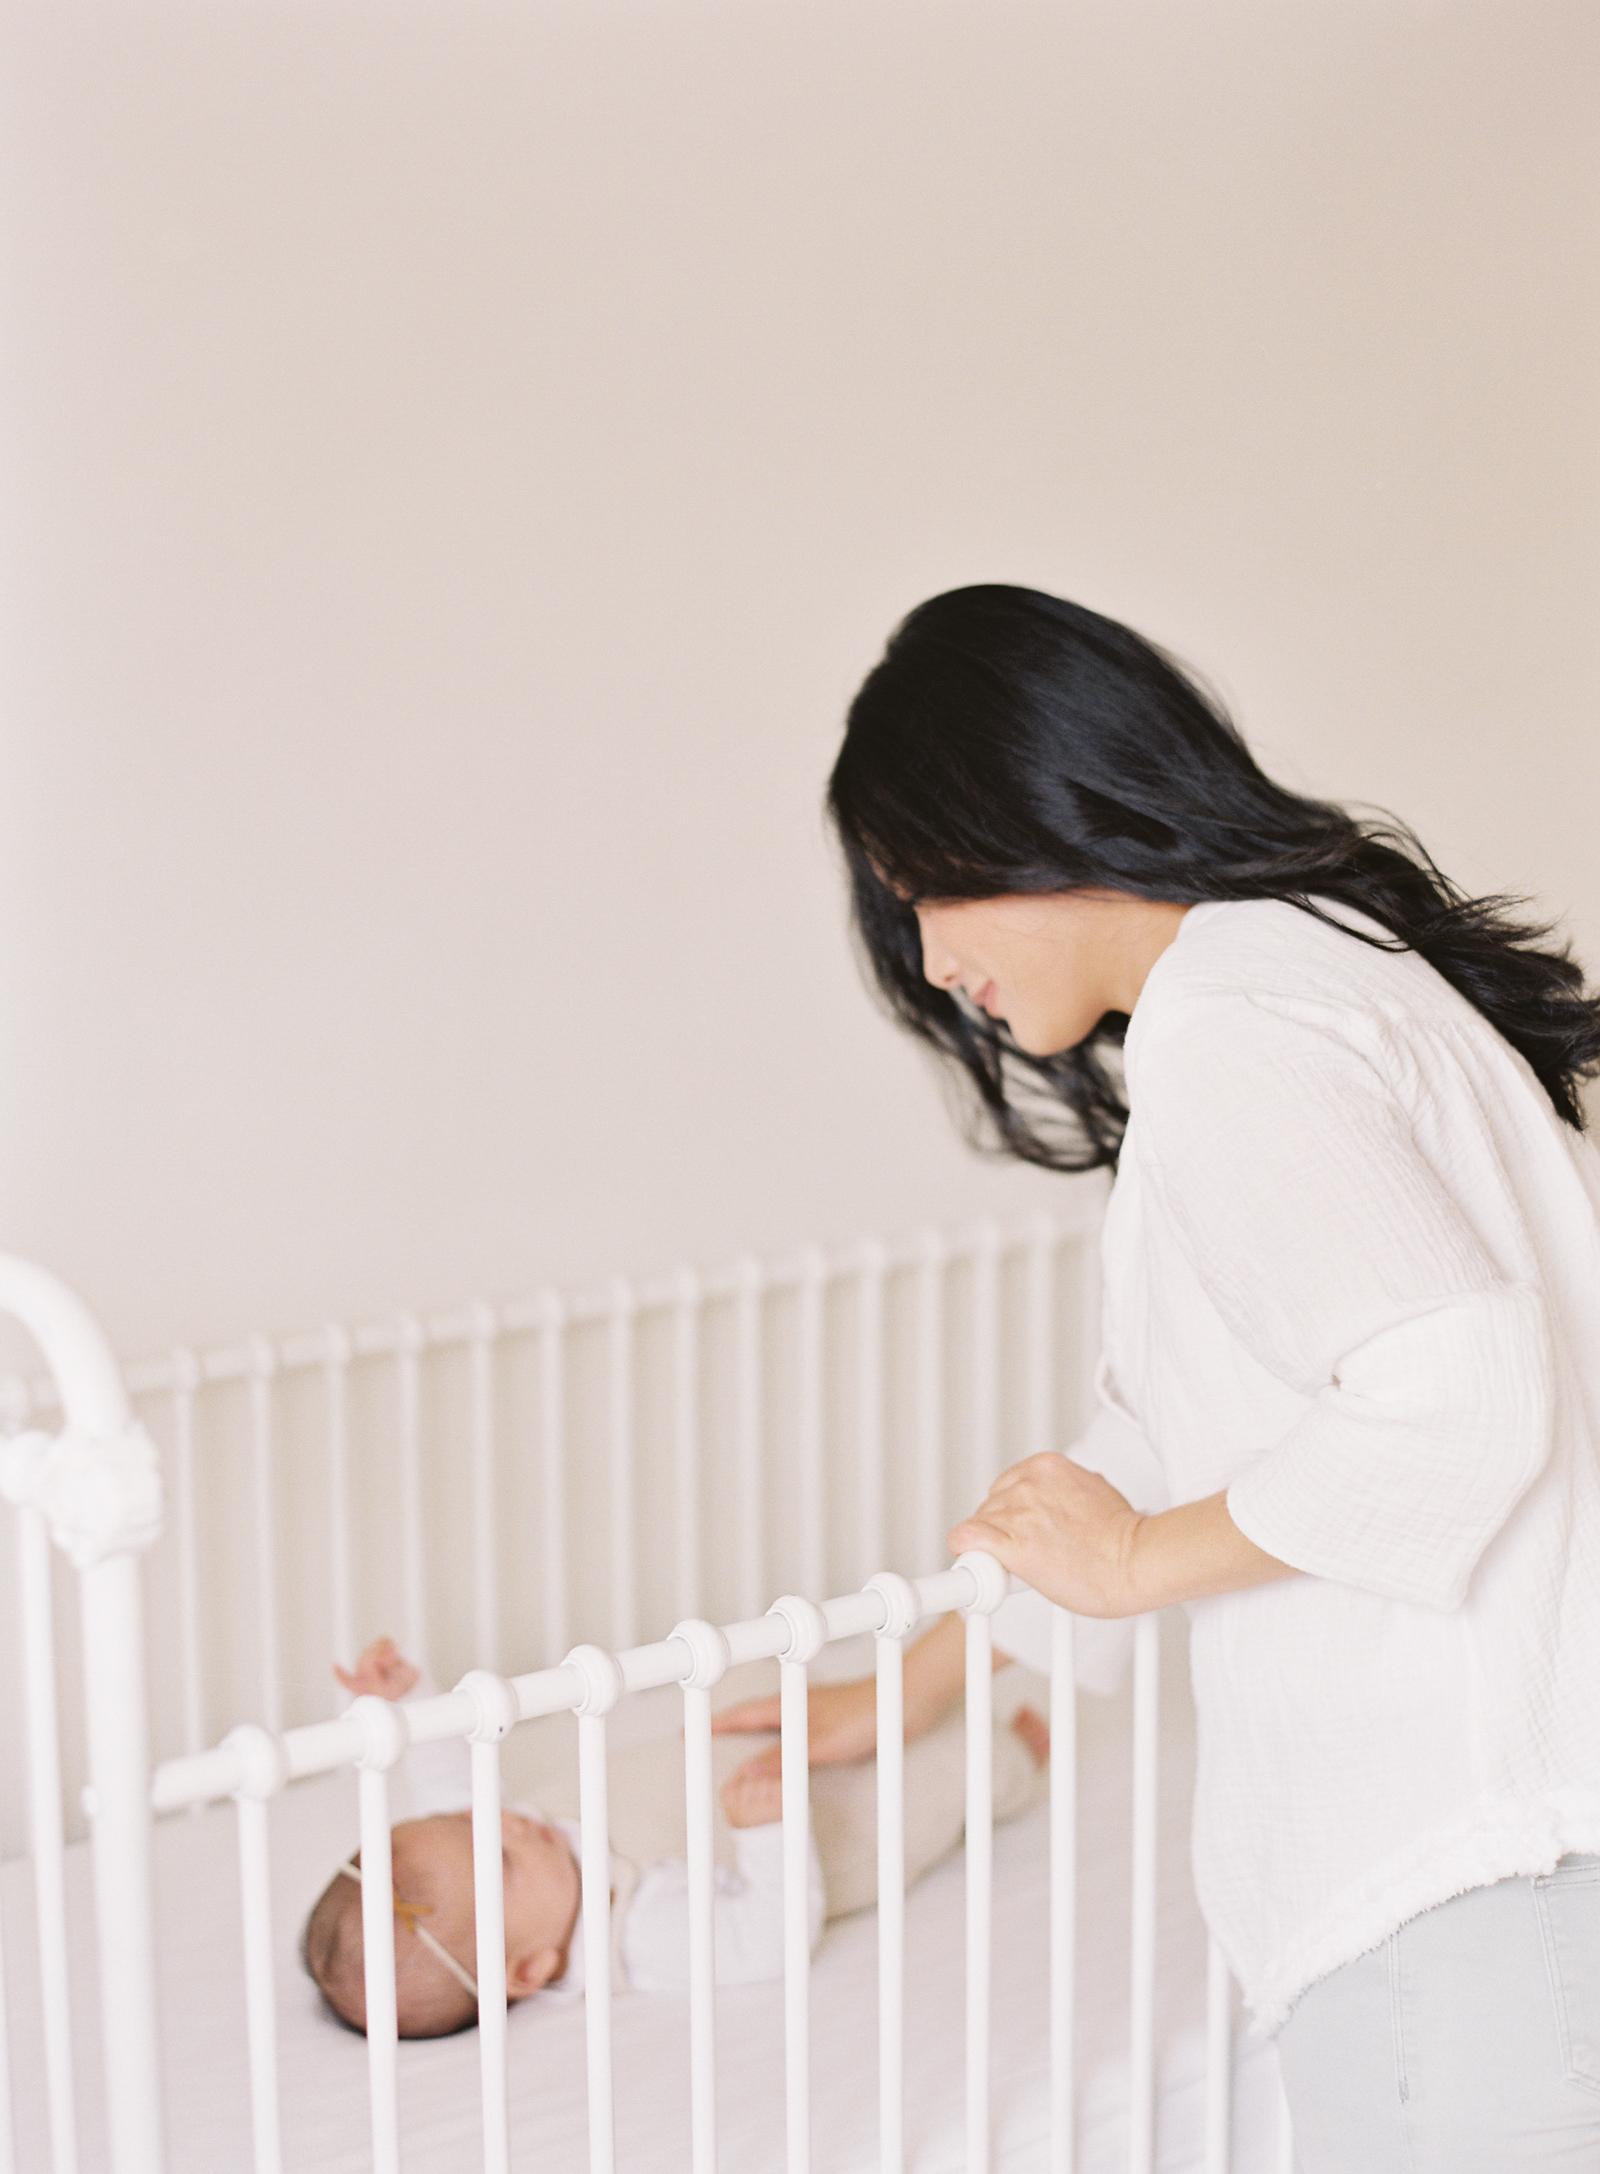 Pasadena_Newborn_Photos-7-Jen_Huang-008851-R1-005.jpg